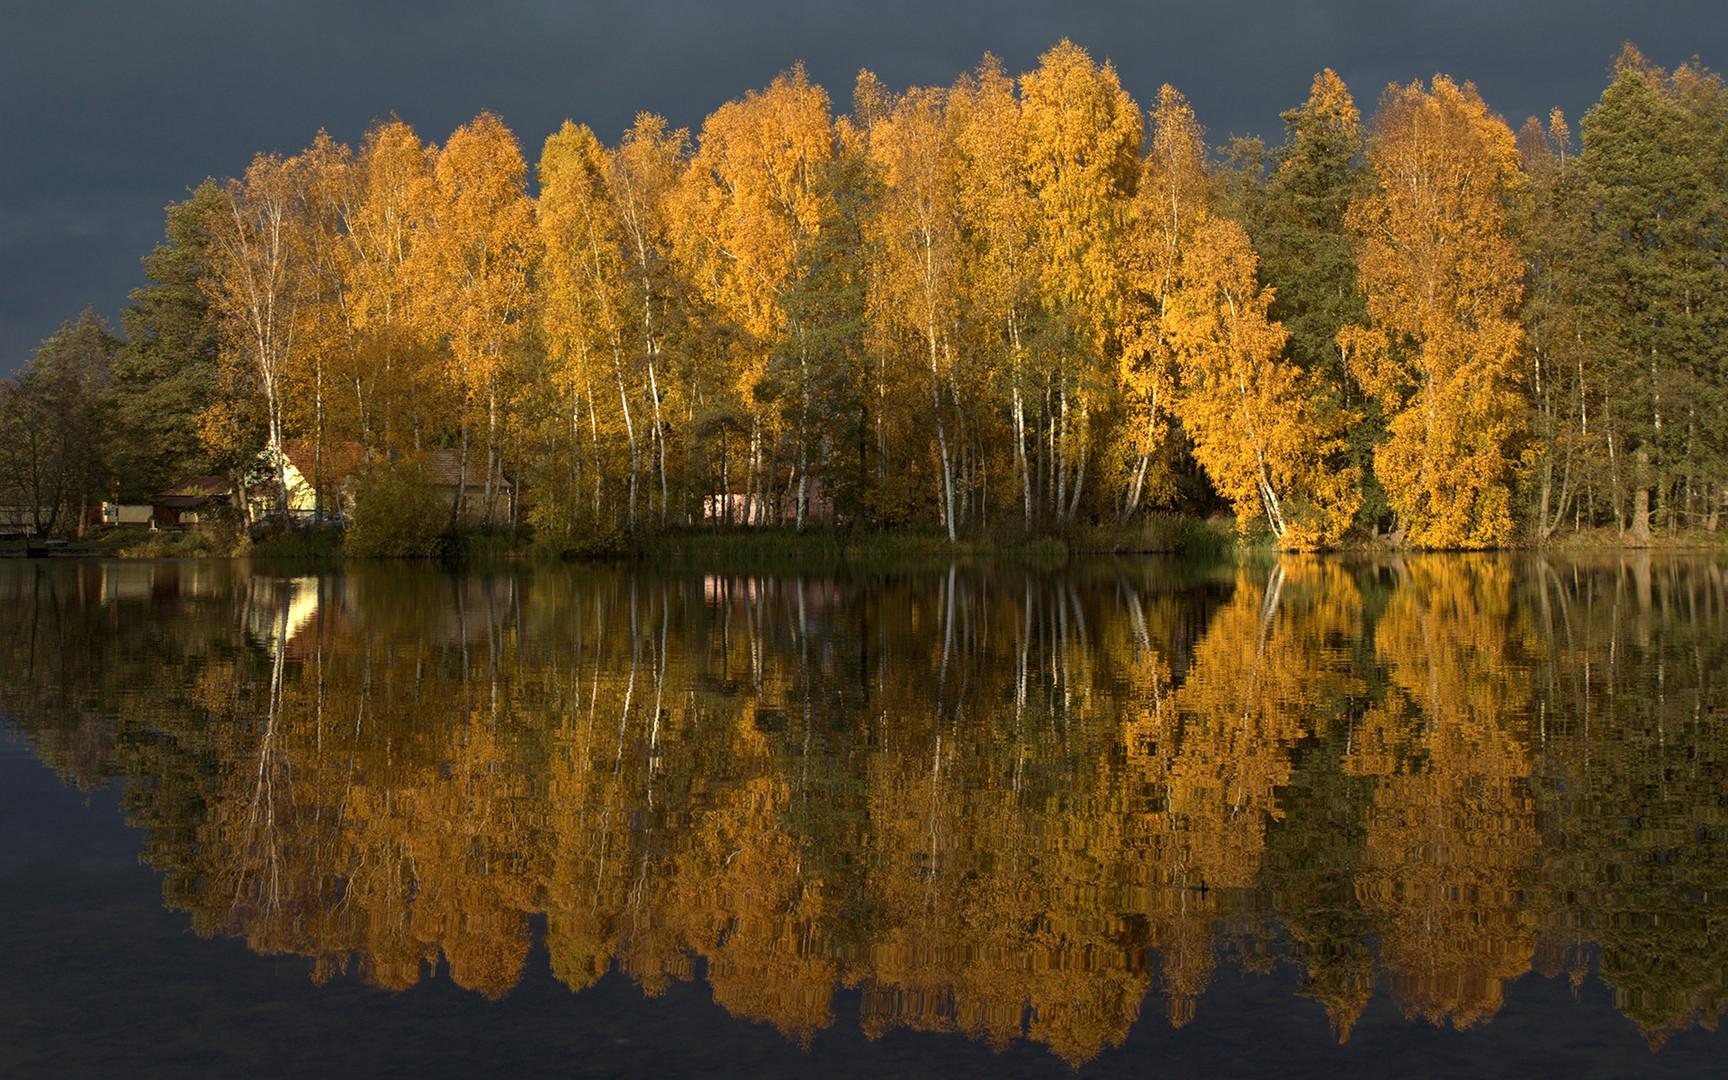 Herbstlich geschmückt